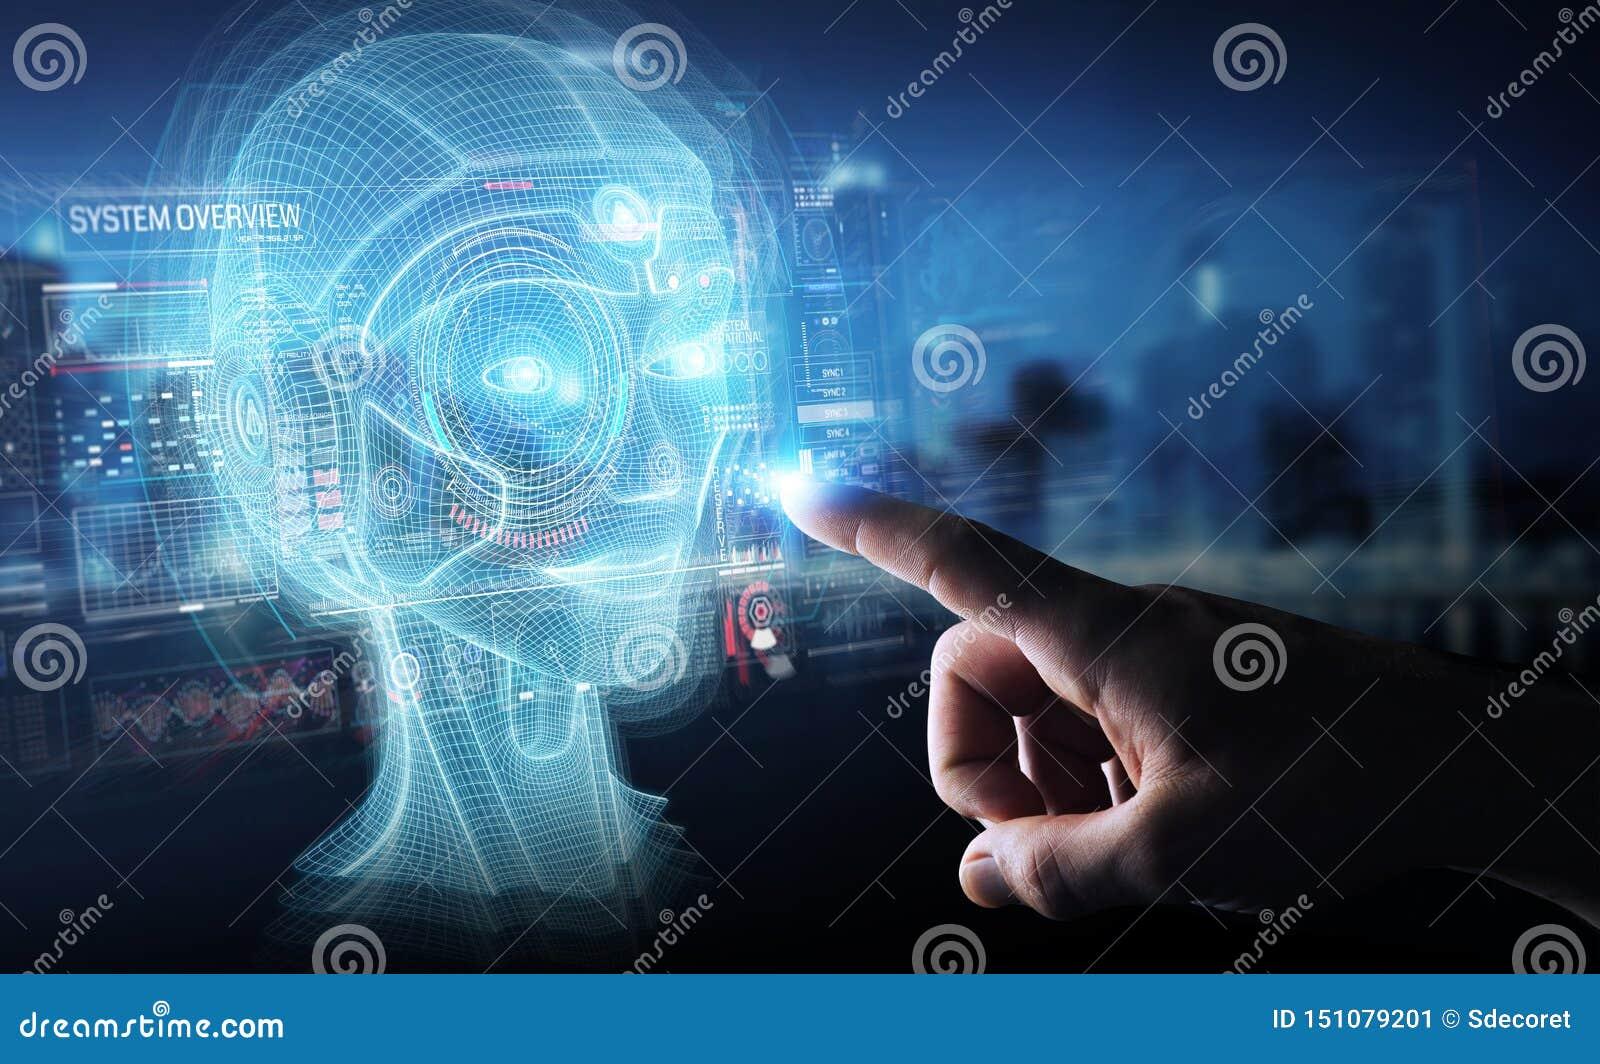 Бизнесмен используя цифровой перевод интерфейса 3D головы искусственного интеллекта